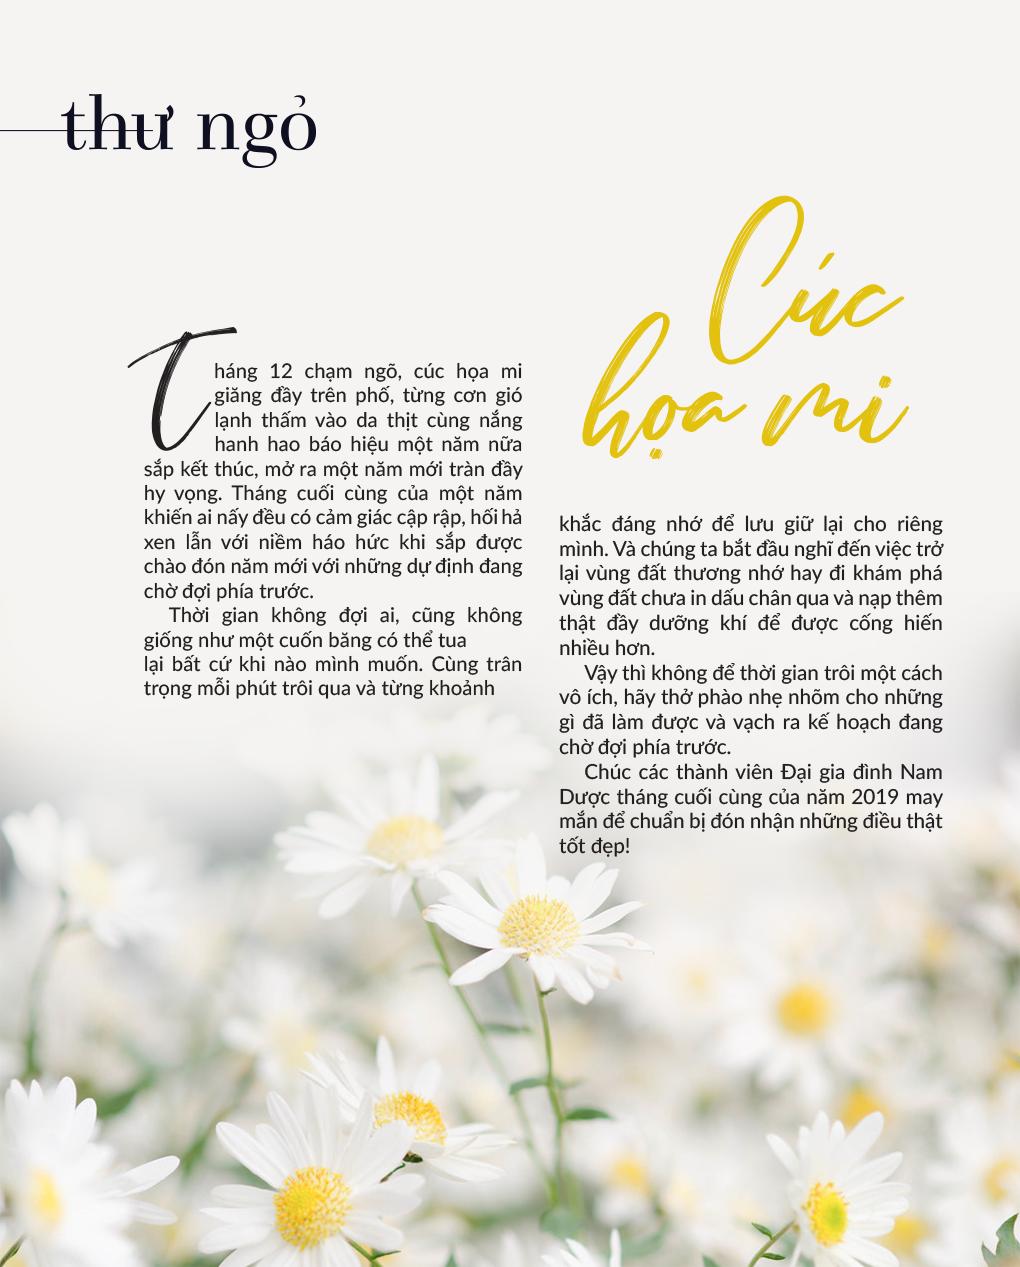 thungo (1)